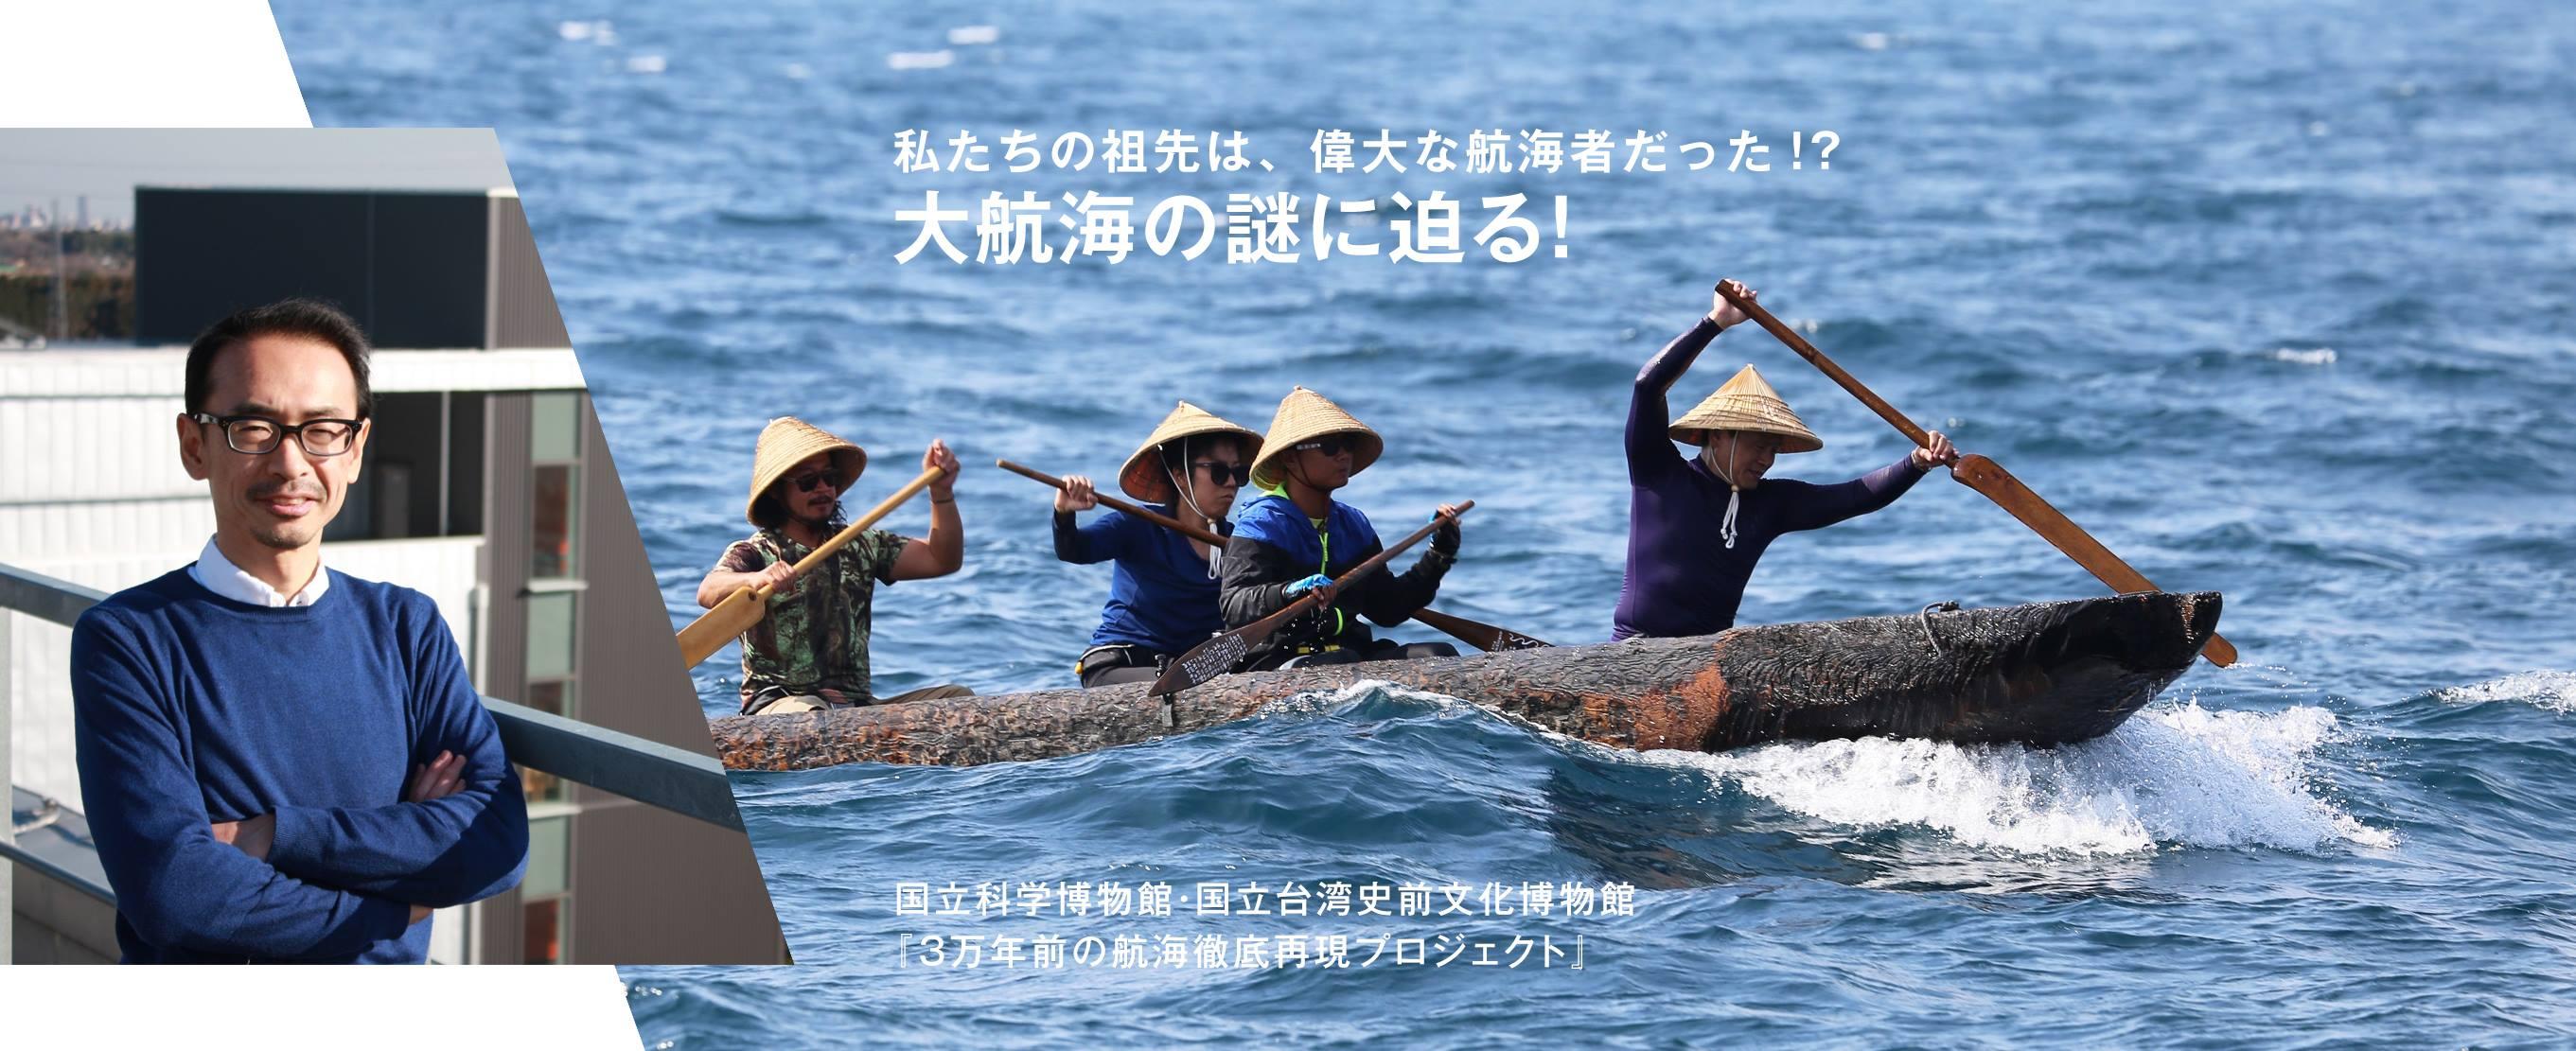 私たちの祖先は、偉大な航海者だった!?大航海の謎に迫る!国立科学博物館・国立台湾史前文化博物館『3万年前の航海徹底再現プロジェクト』